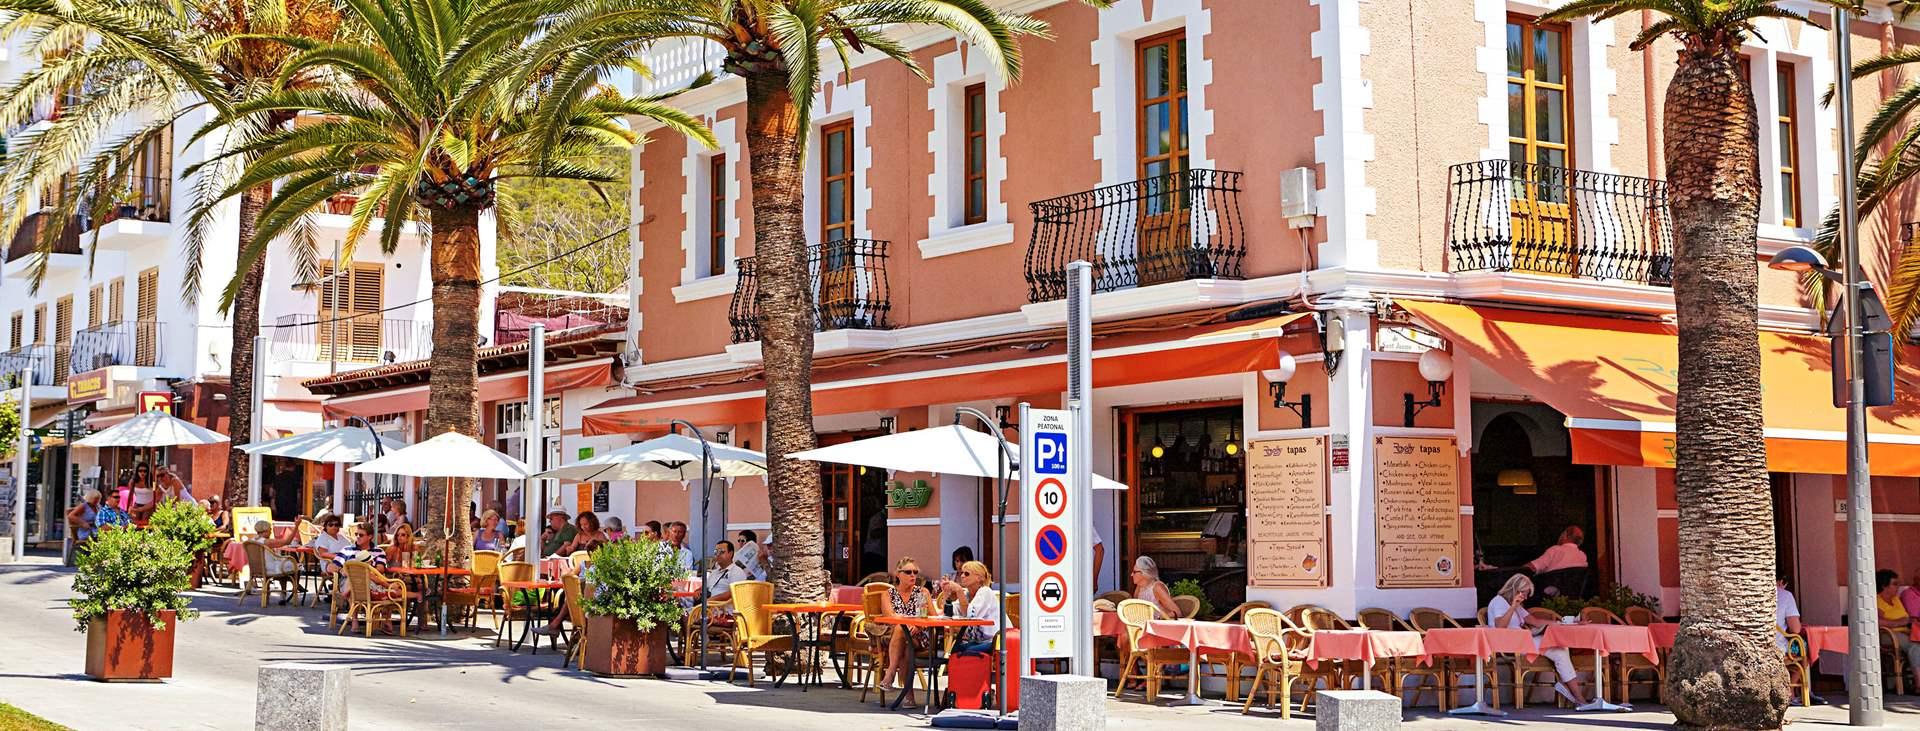 Boka din resa till Santa Eulalia på Ibiza med Ving